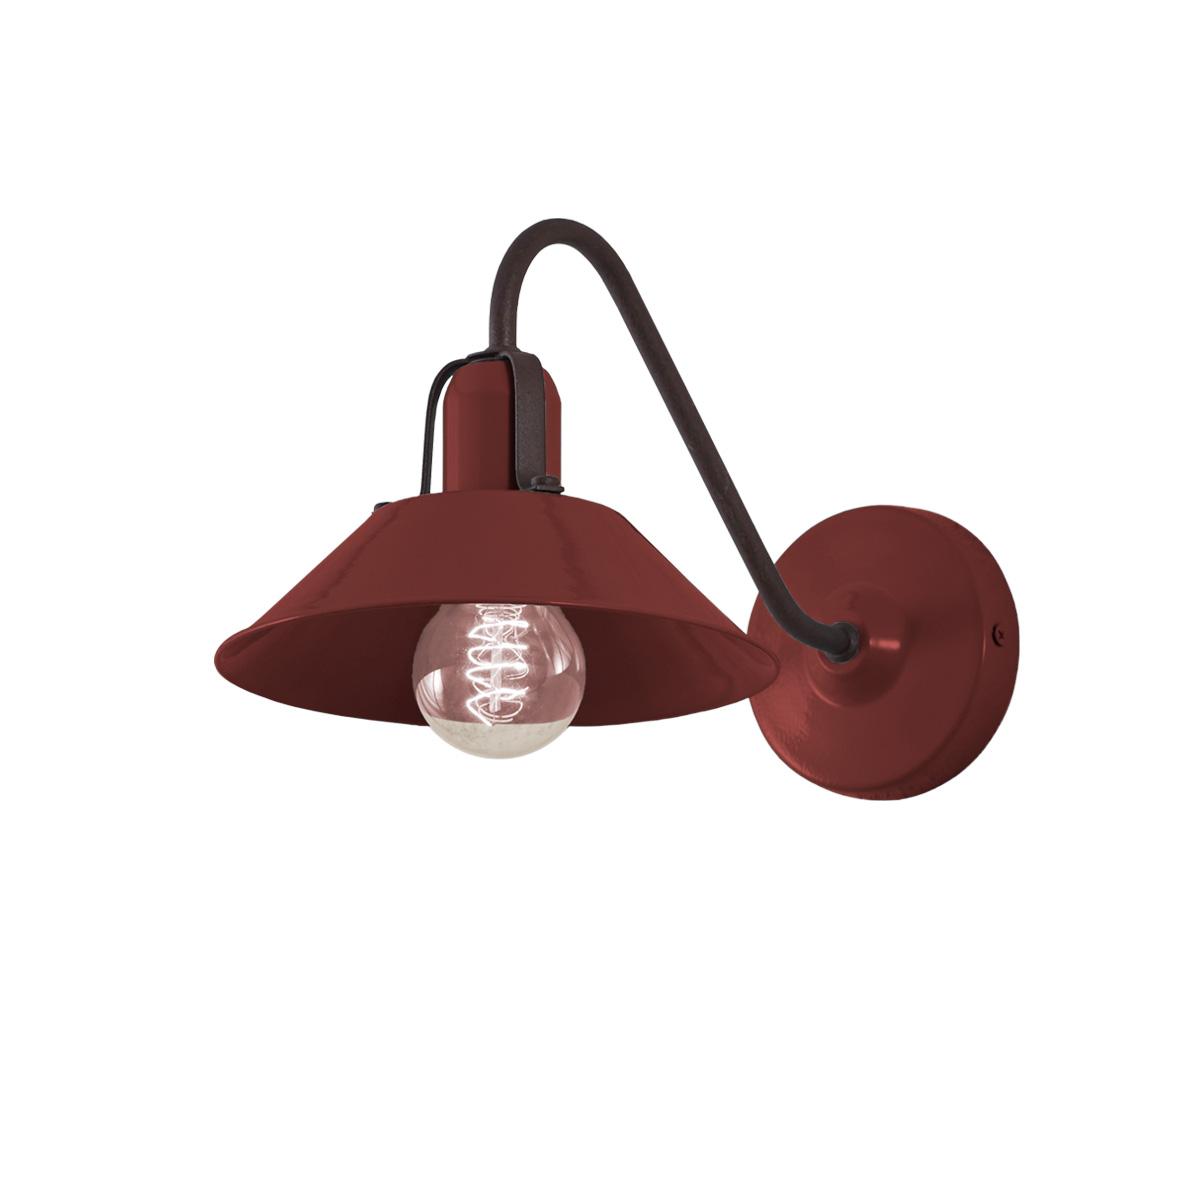 Ρετρό επιτοίχιο φωτιστικό μπορντό ΜΗΛΟΣ bordeaux retro wall lamp